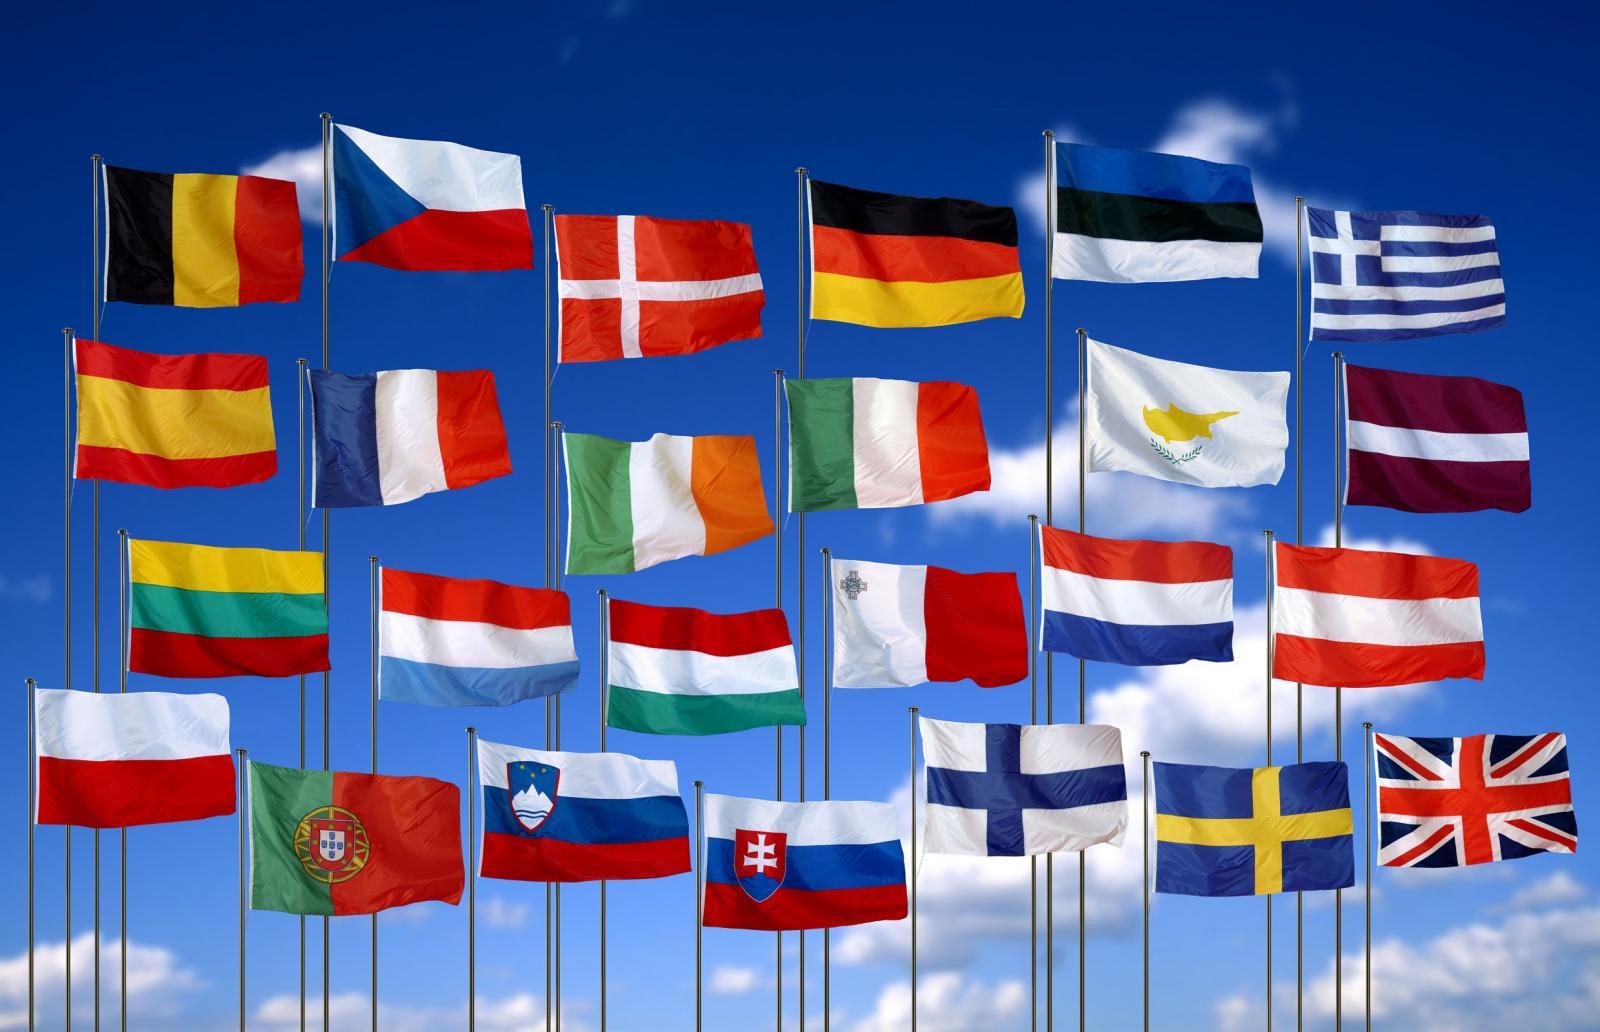 флаги европы